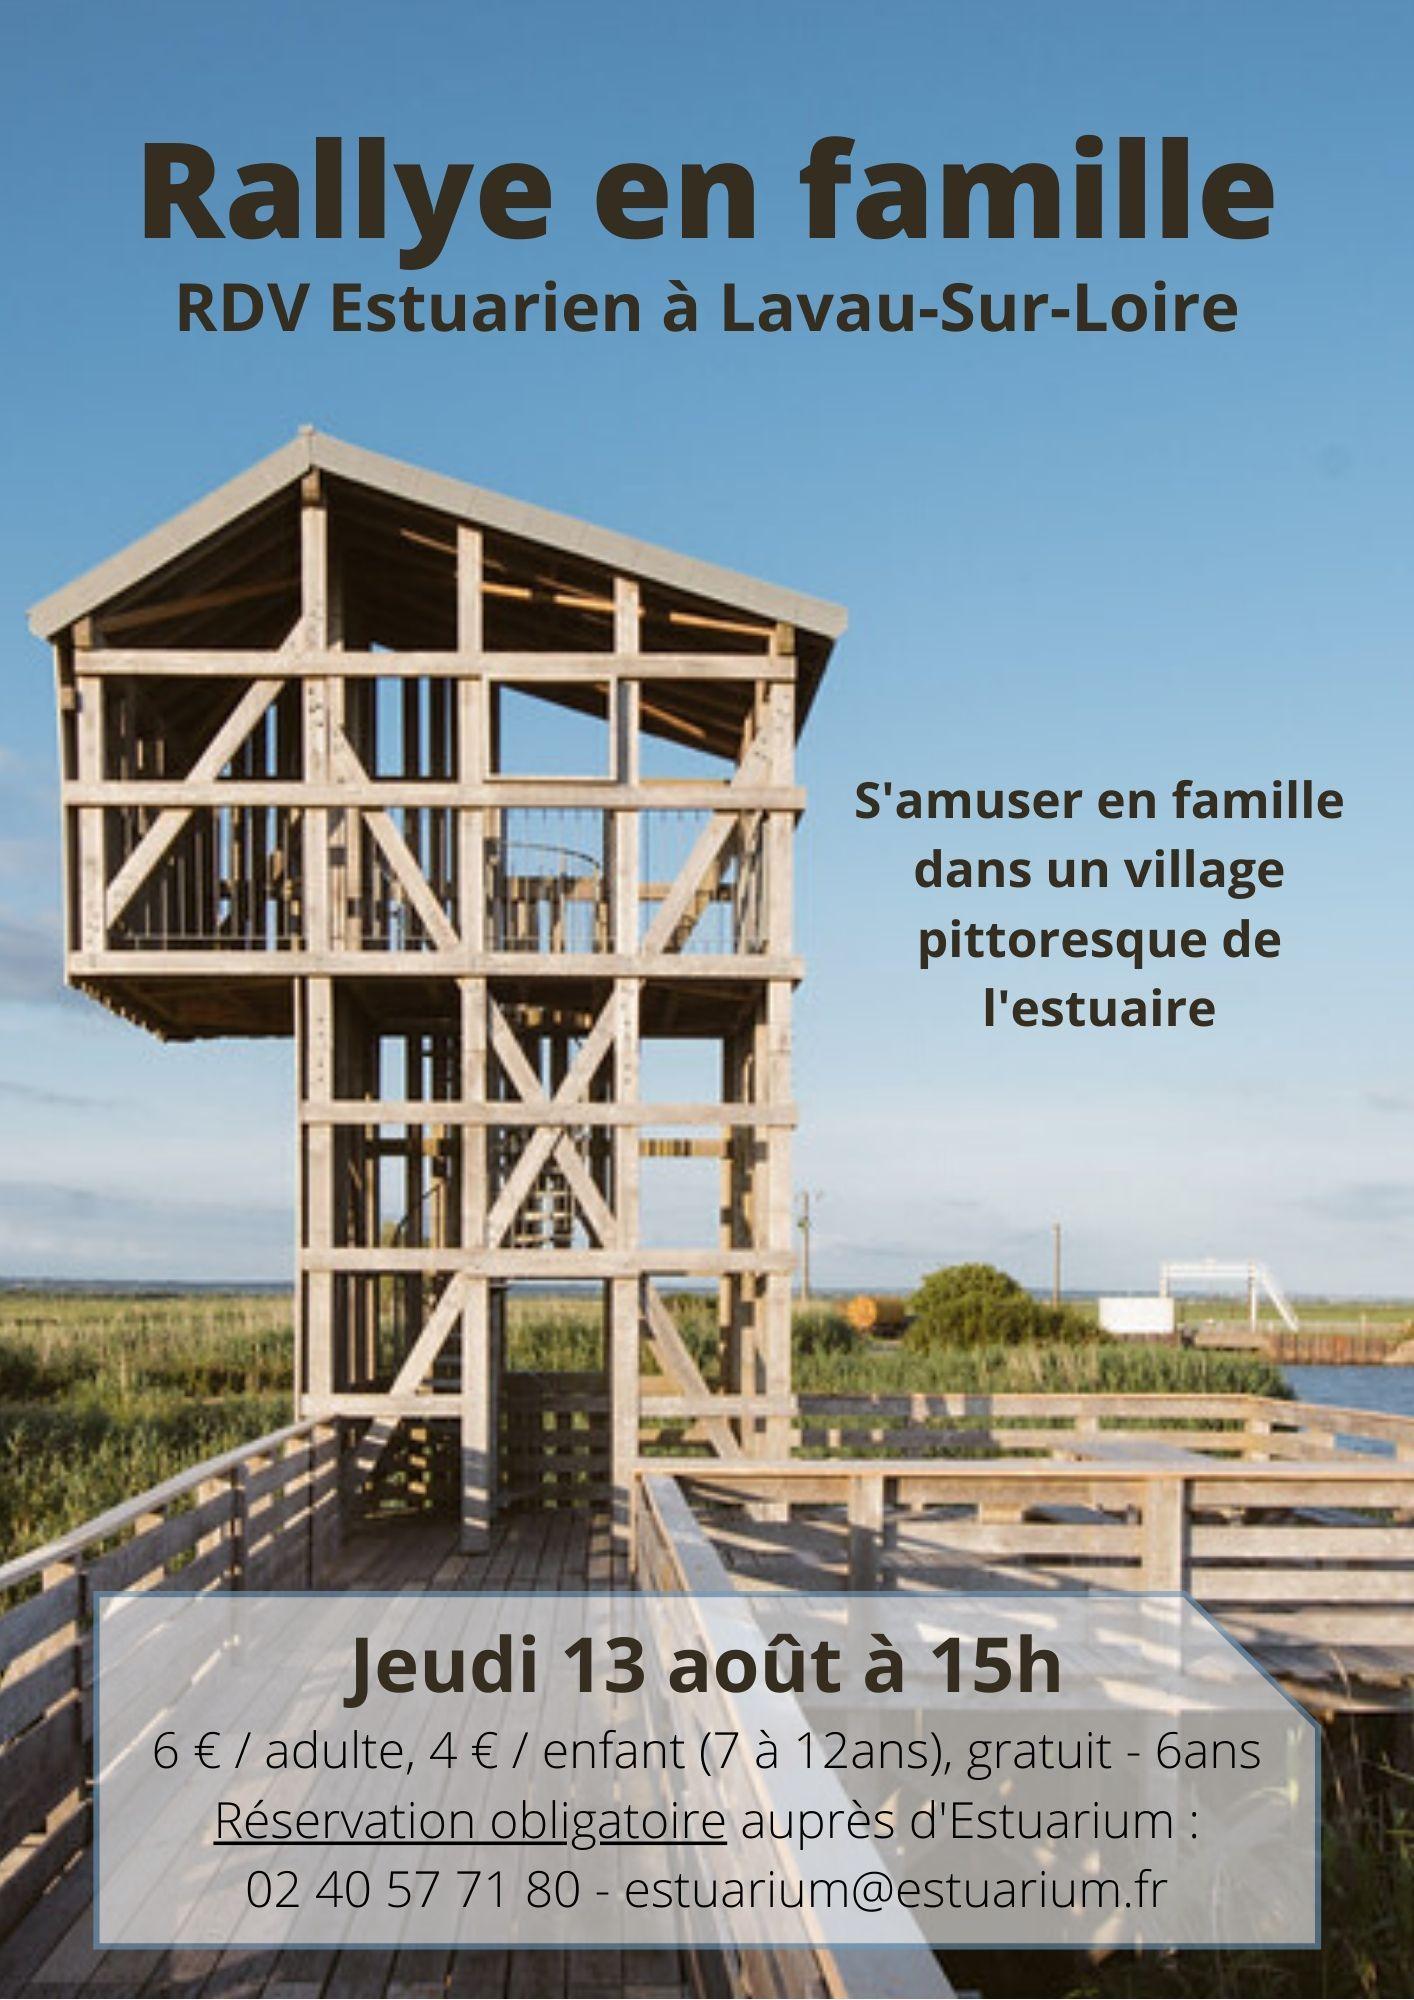 RDV Estuarien aout 2020 - Rallye en famille - LAVAU